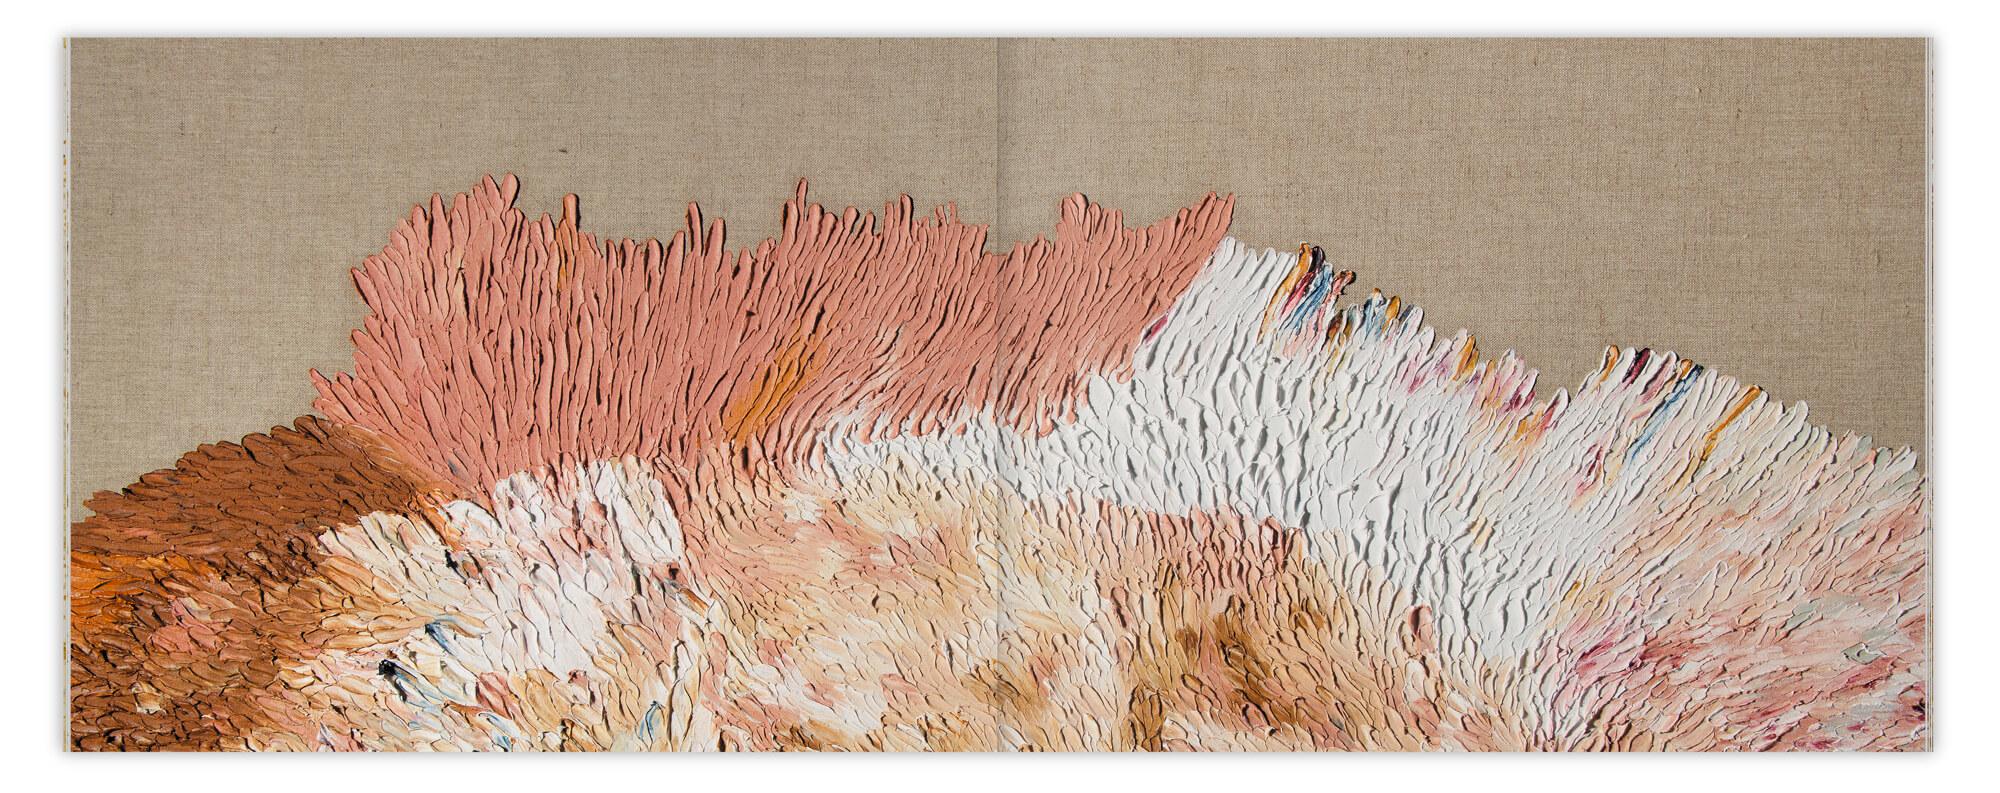 Détail d'une peinture sur toile de l'artiste Daniela Busarello, la reluire layflat decidée par IchetKar permet une vision à plat de la double page.